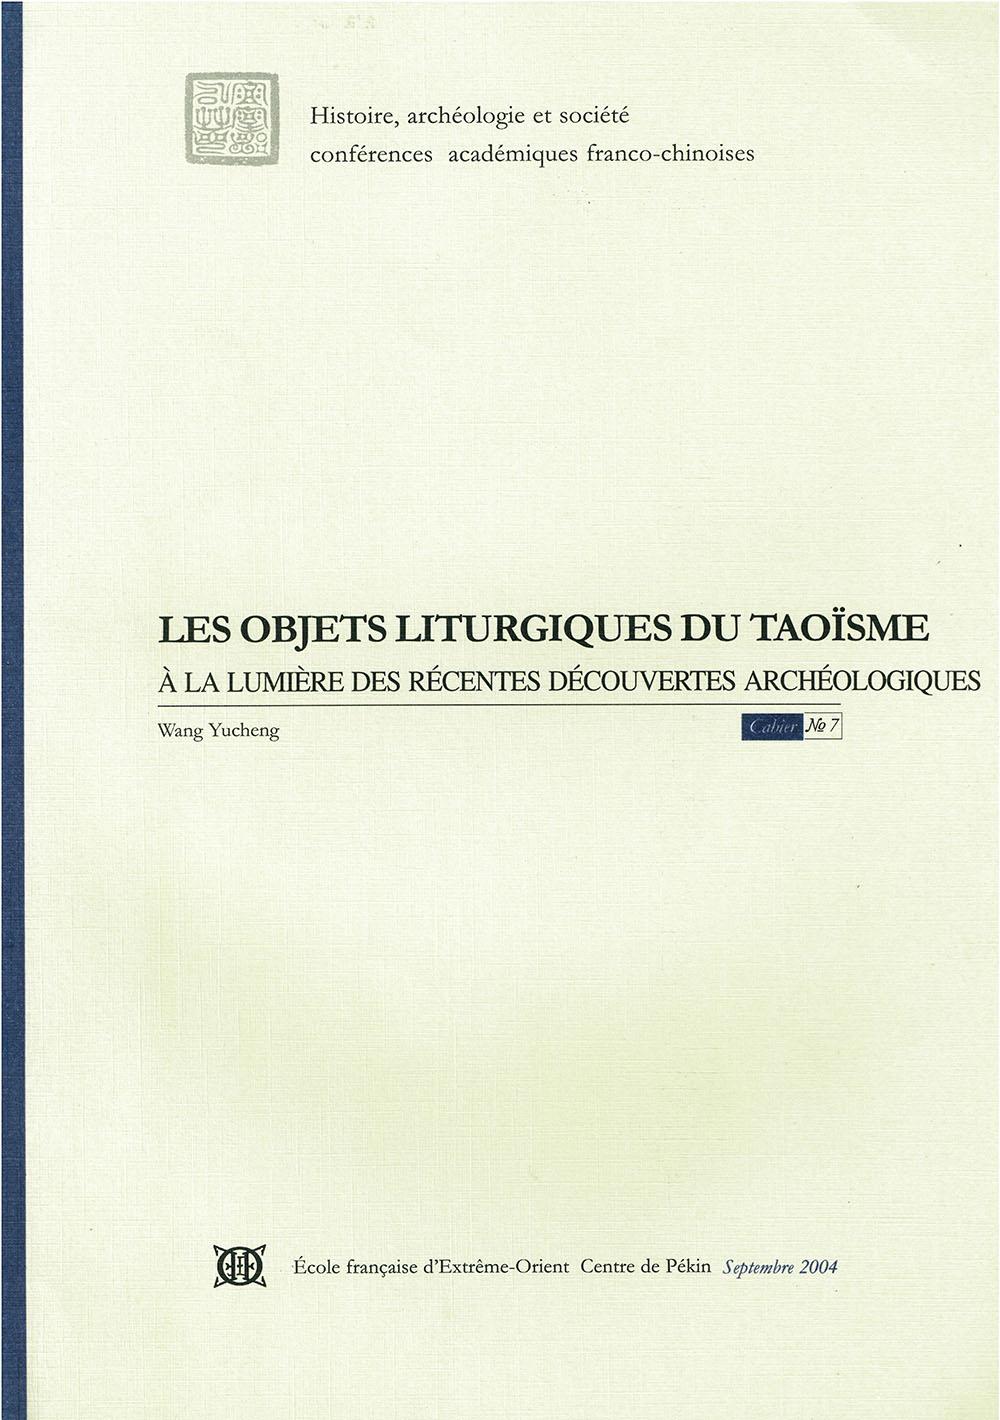 Les objets liturgiques du taoïsme à la lumière des récentes découvertes archéologiques